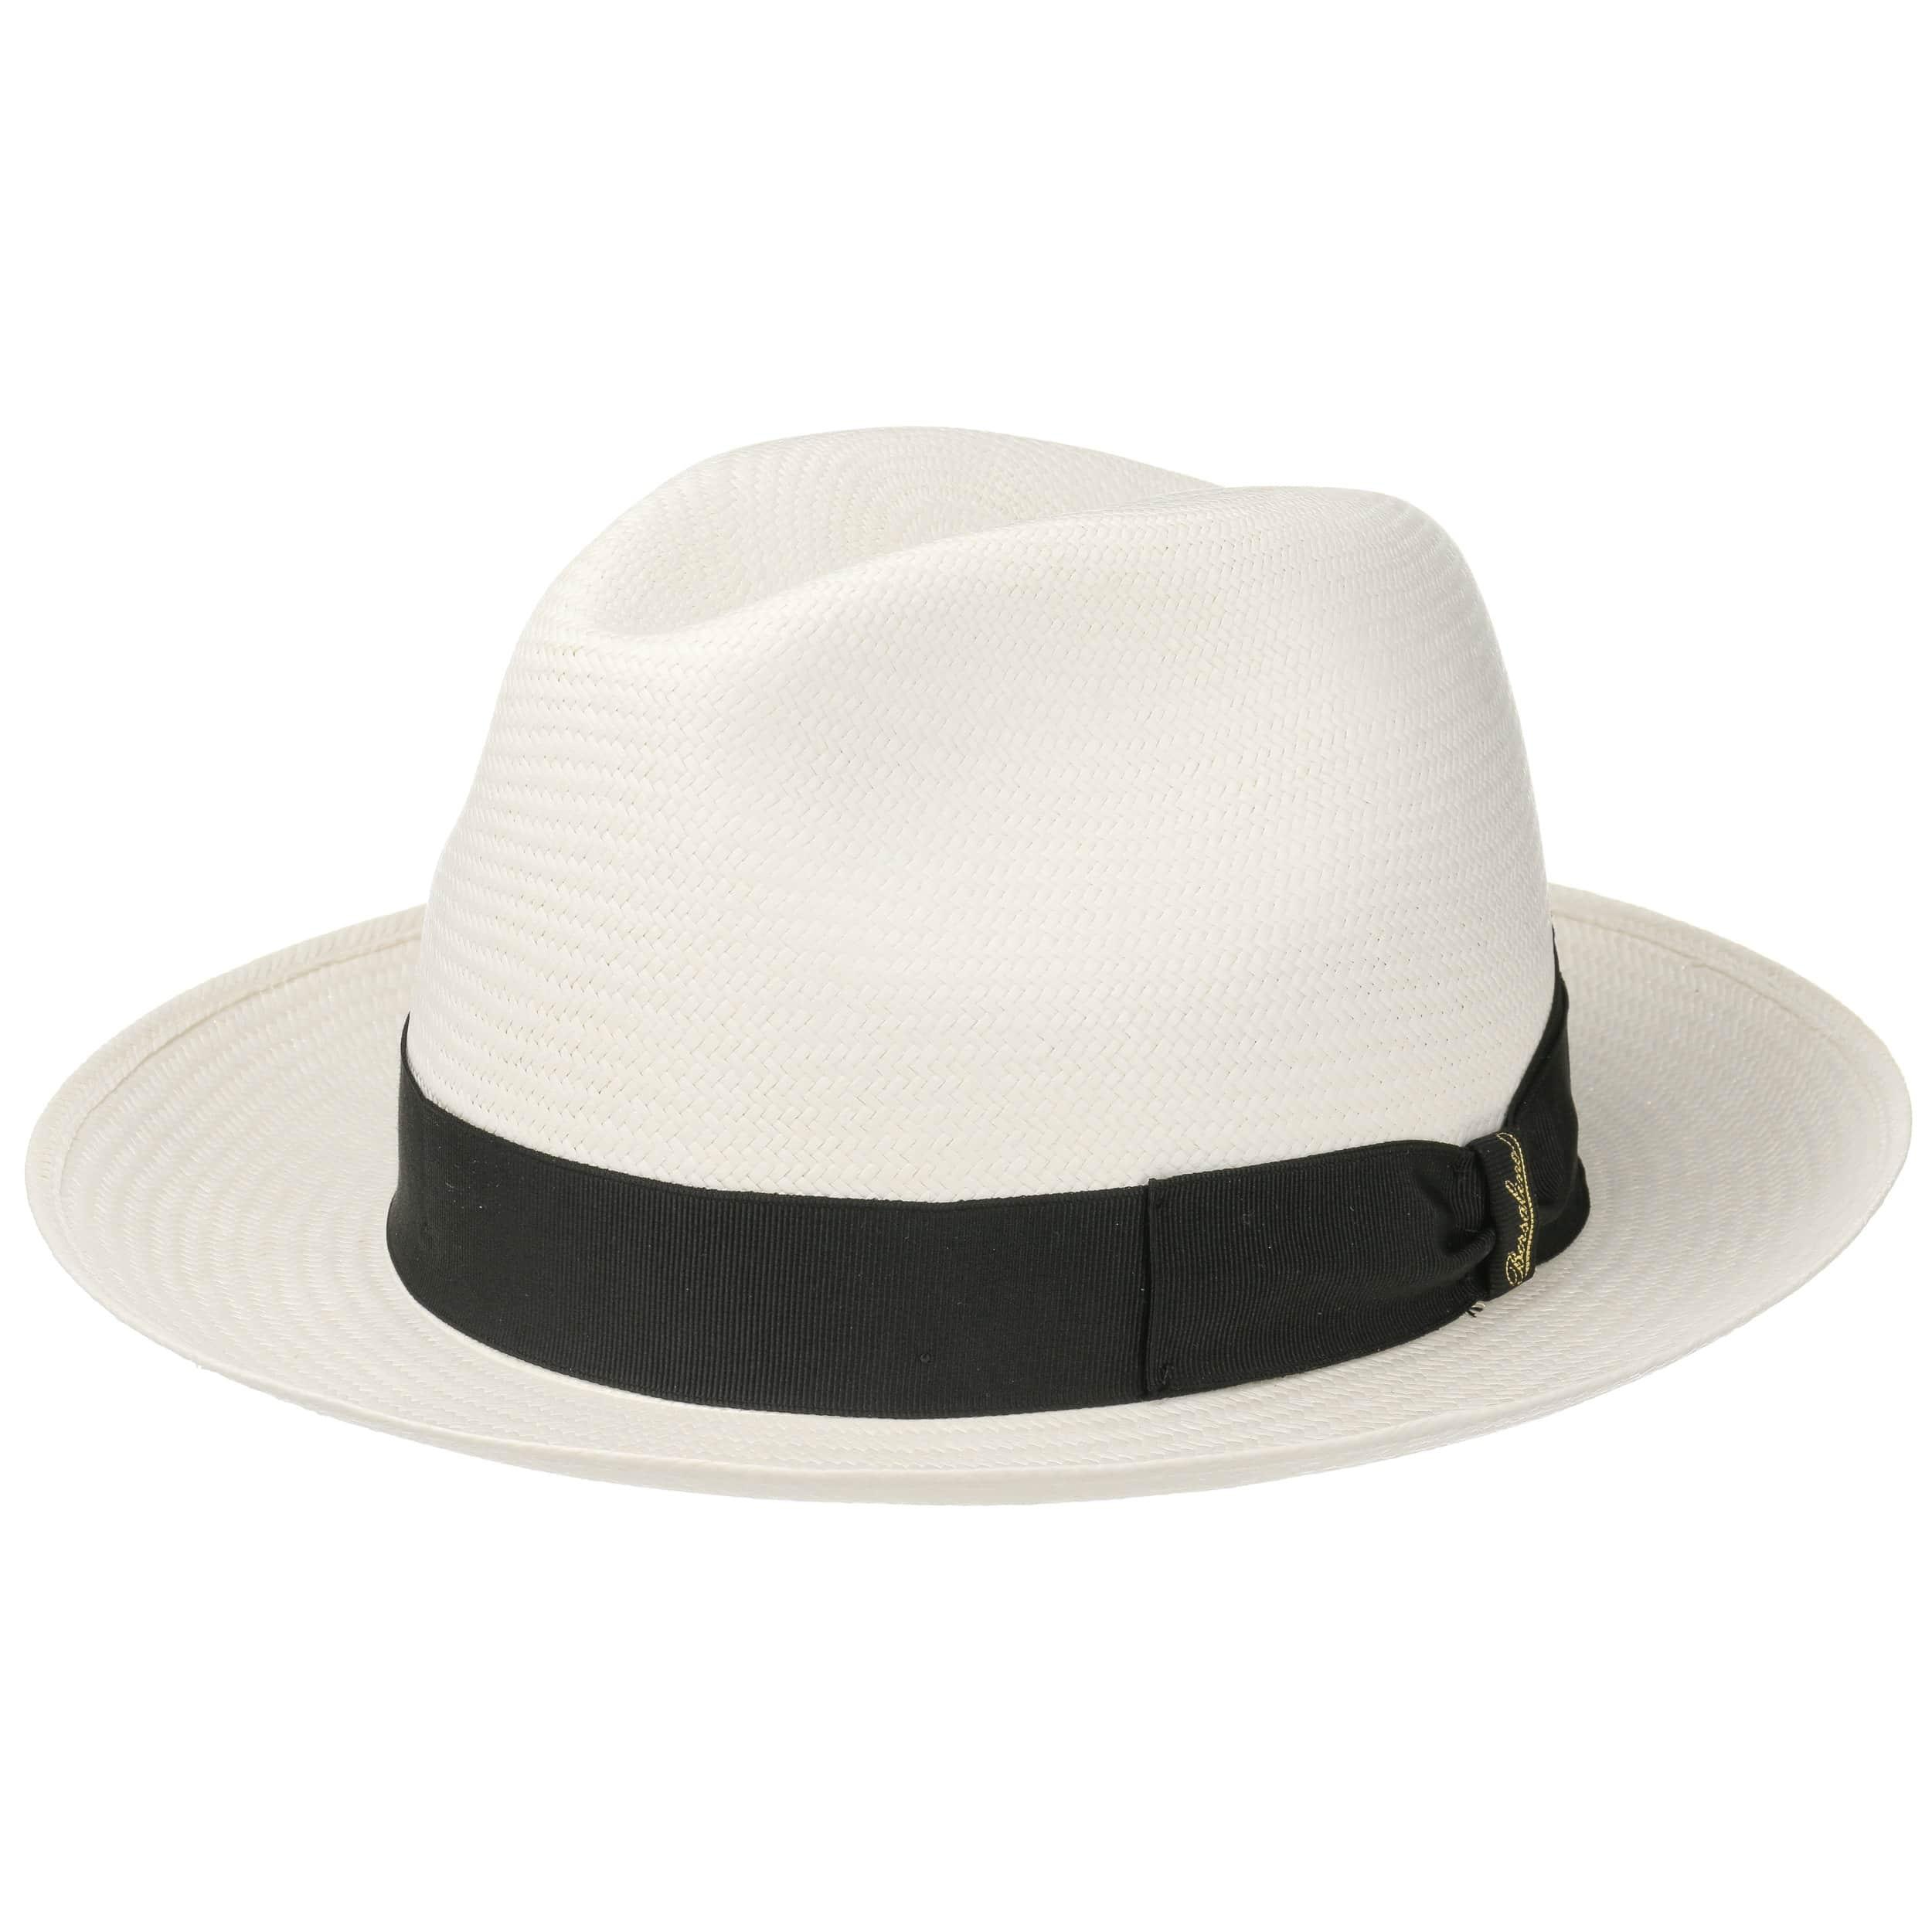 ... Cappello Panama Black Small by Borsalino - natura 5 b789fd83dec1